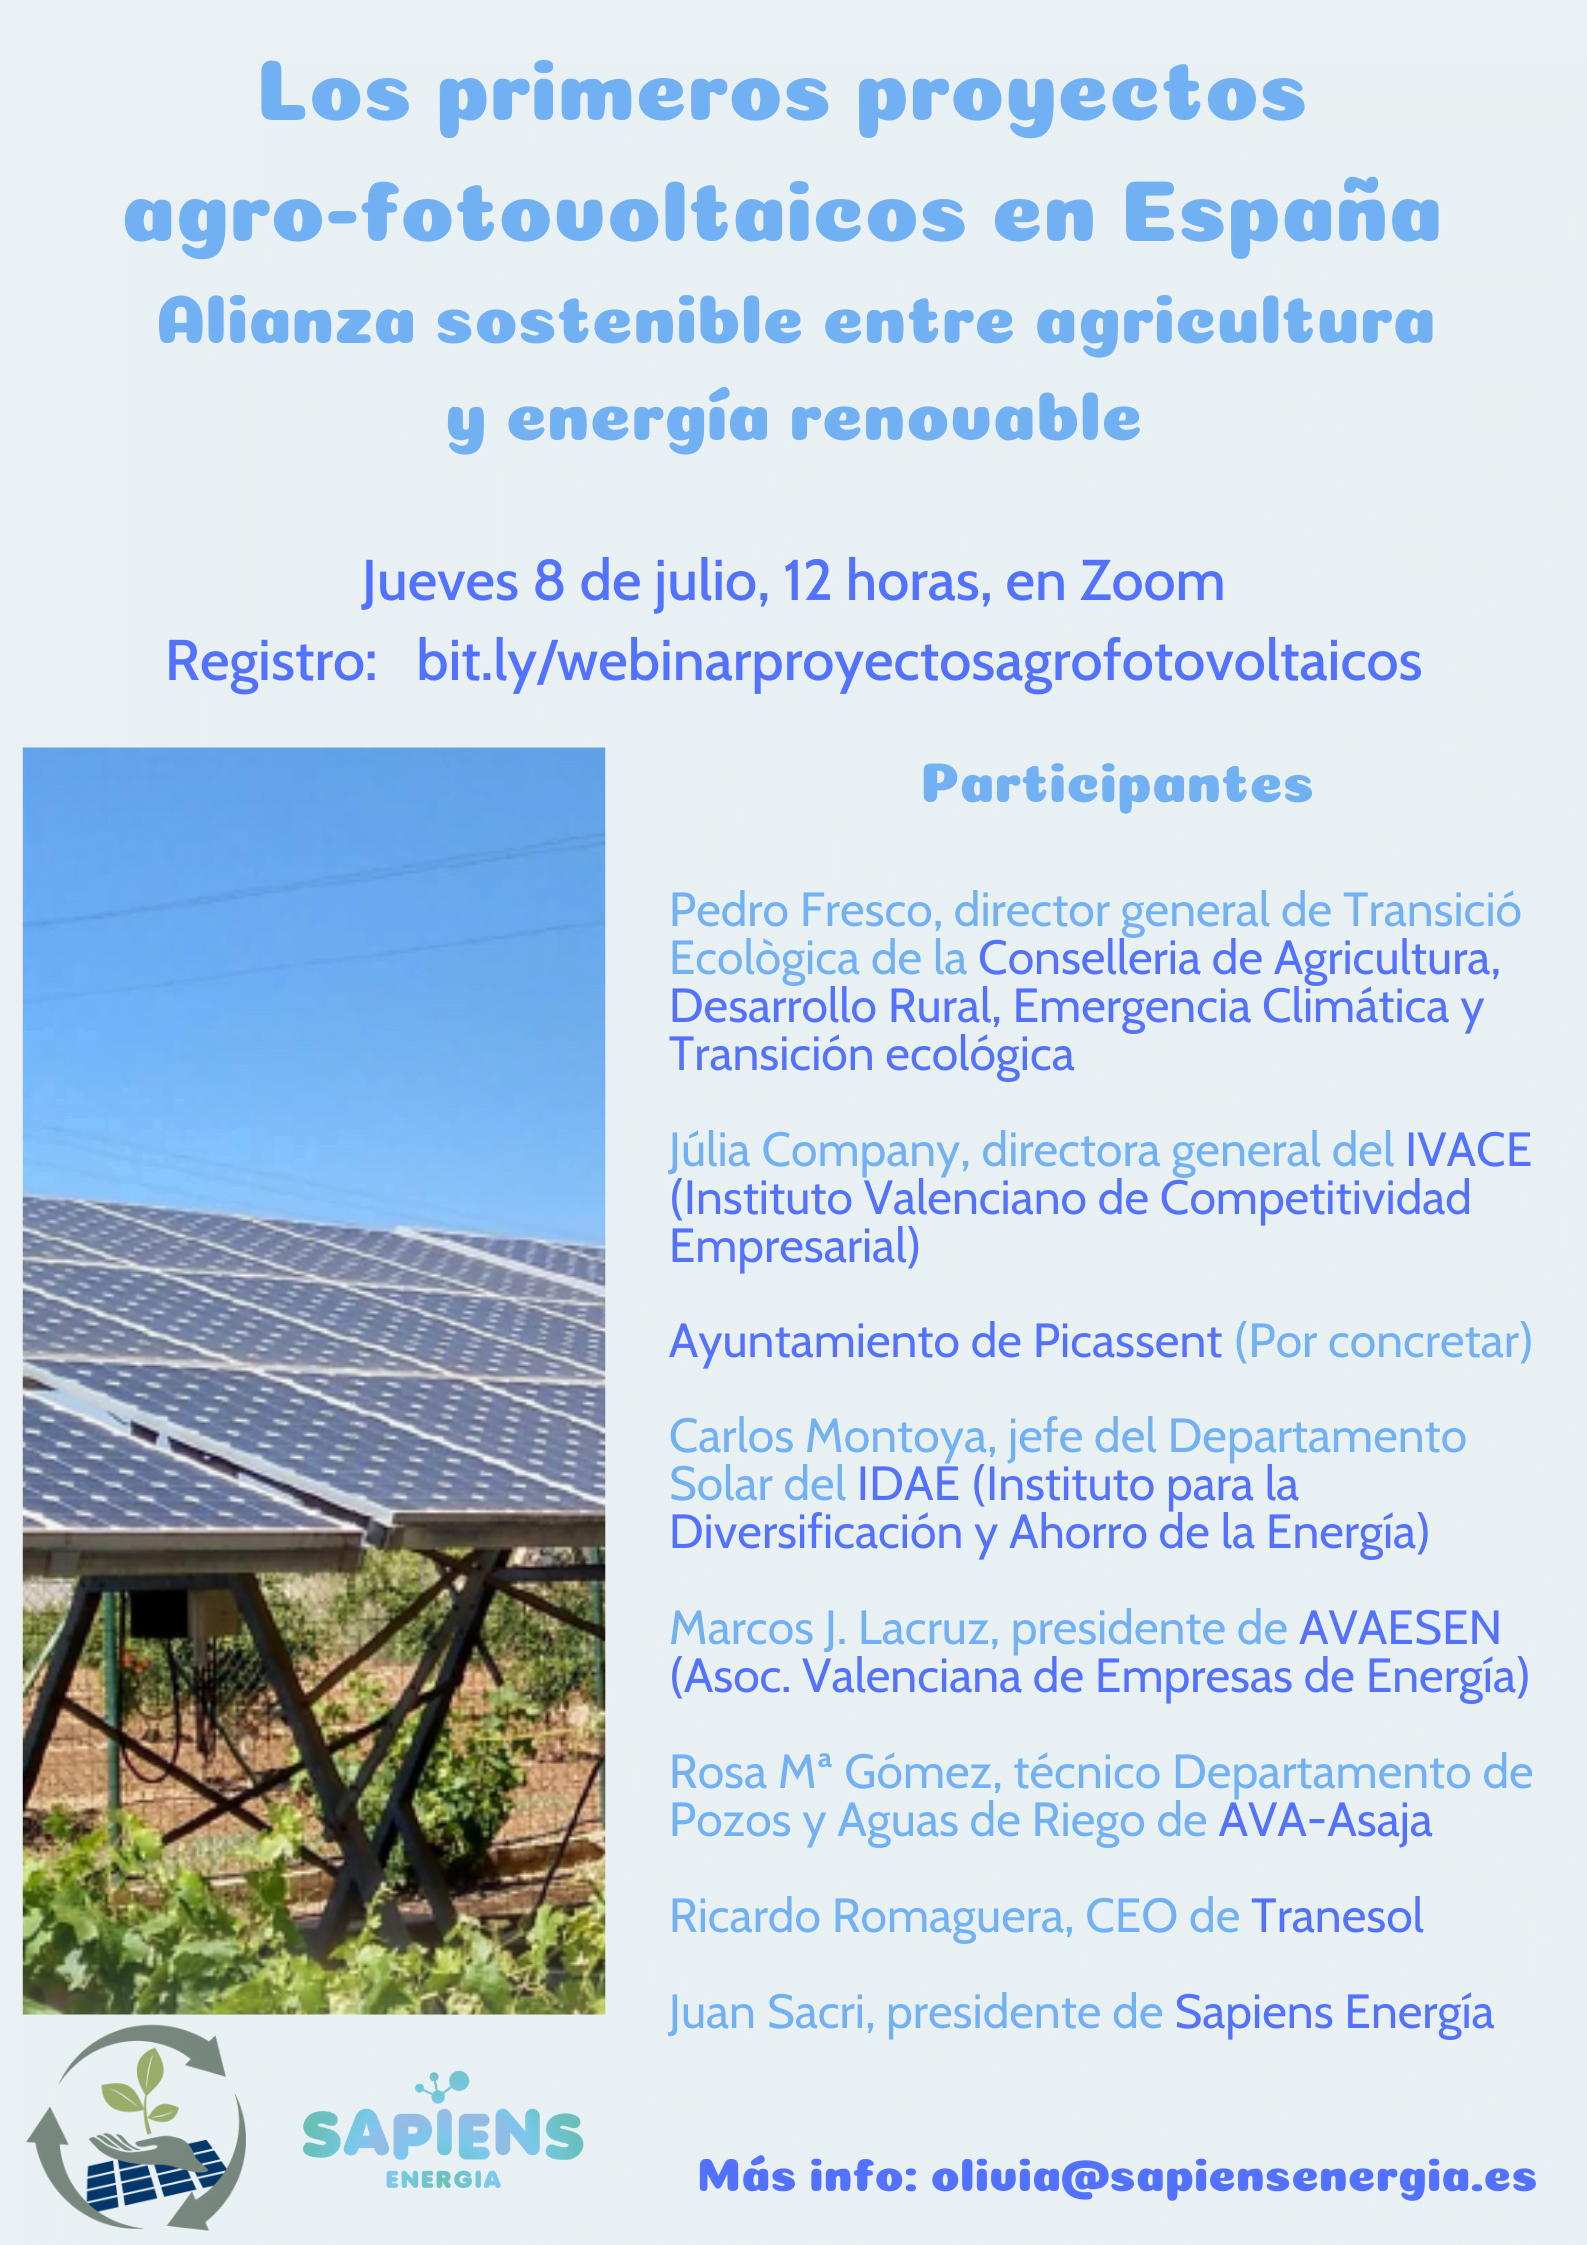 TRANESOL Primeros proyectos agro-fotovoltaicos-02